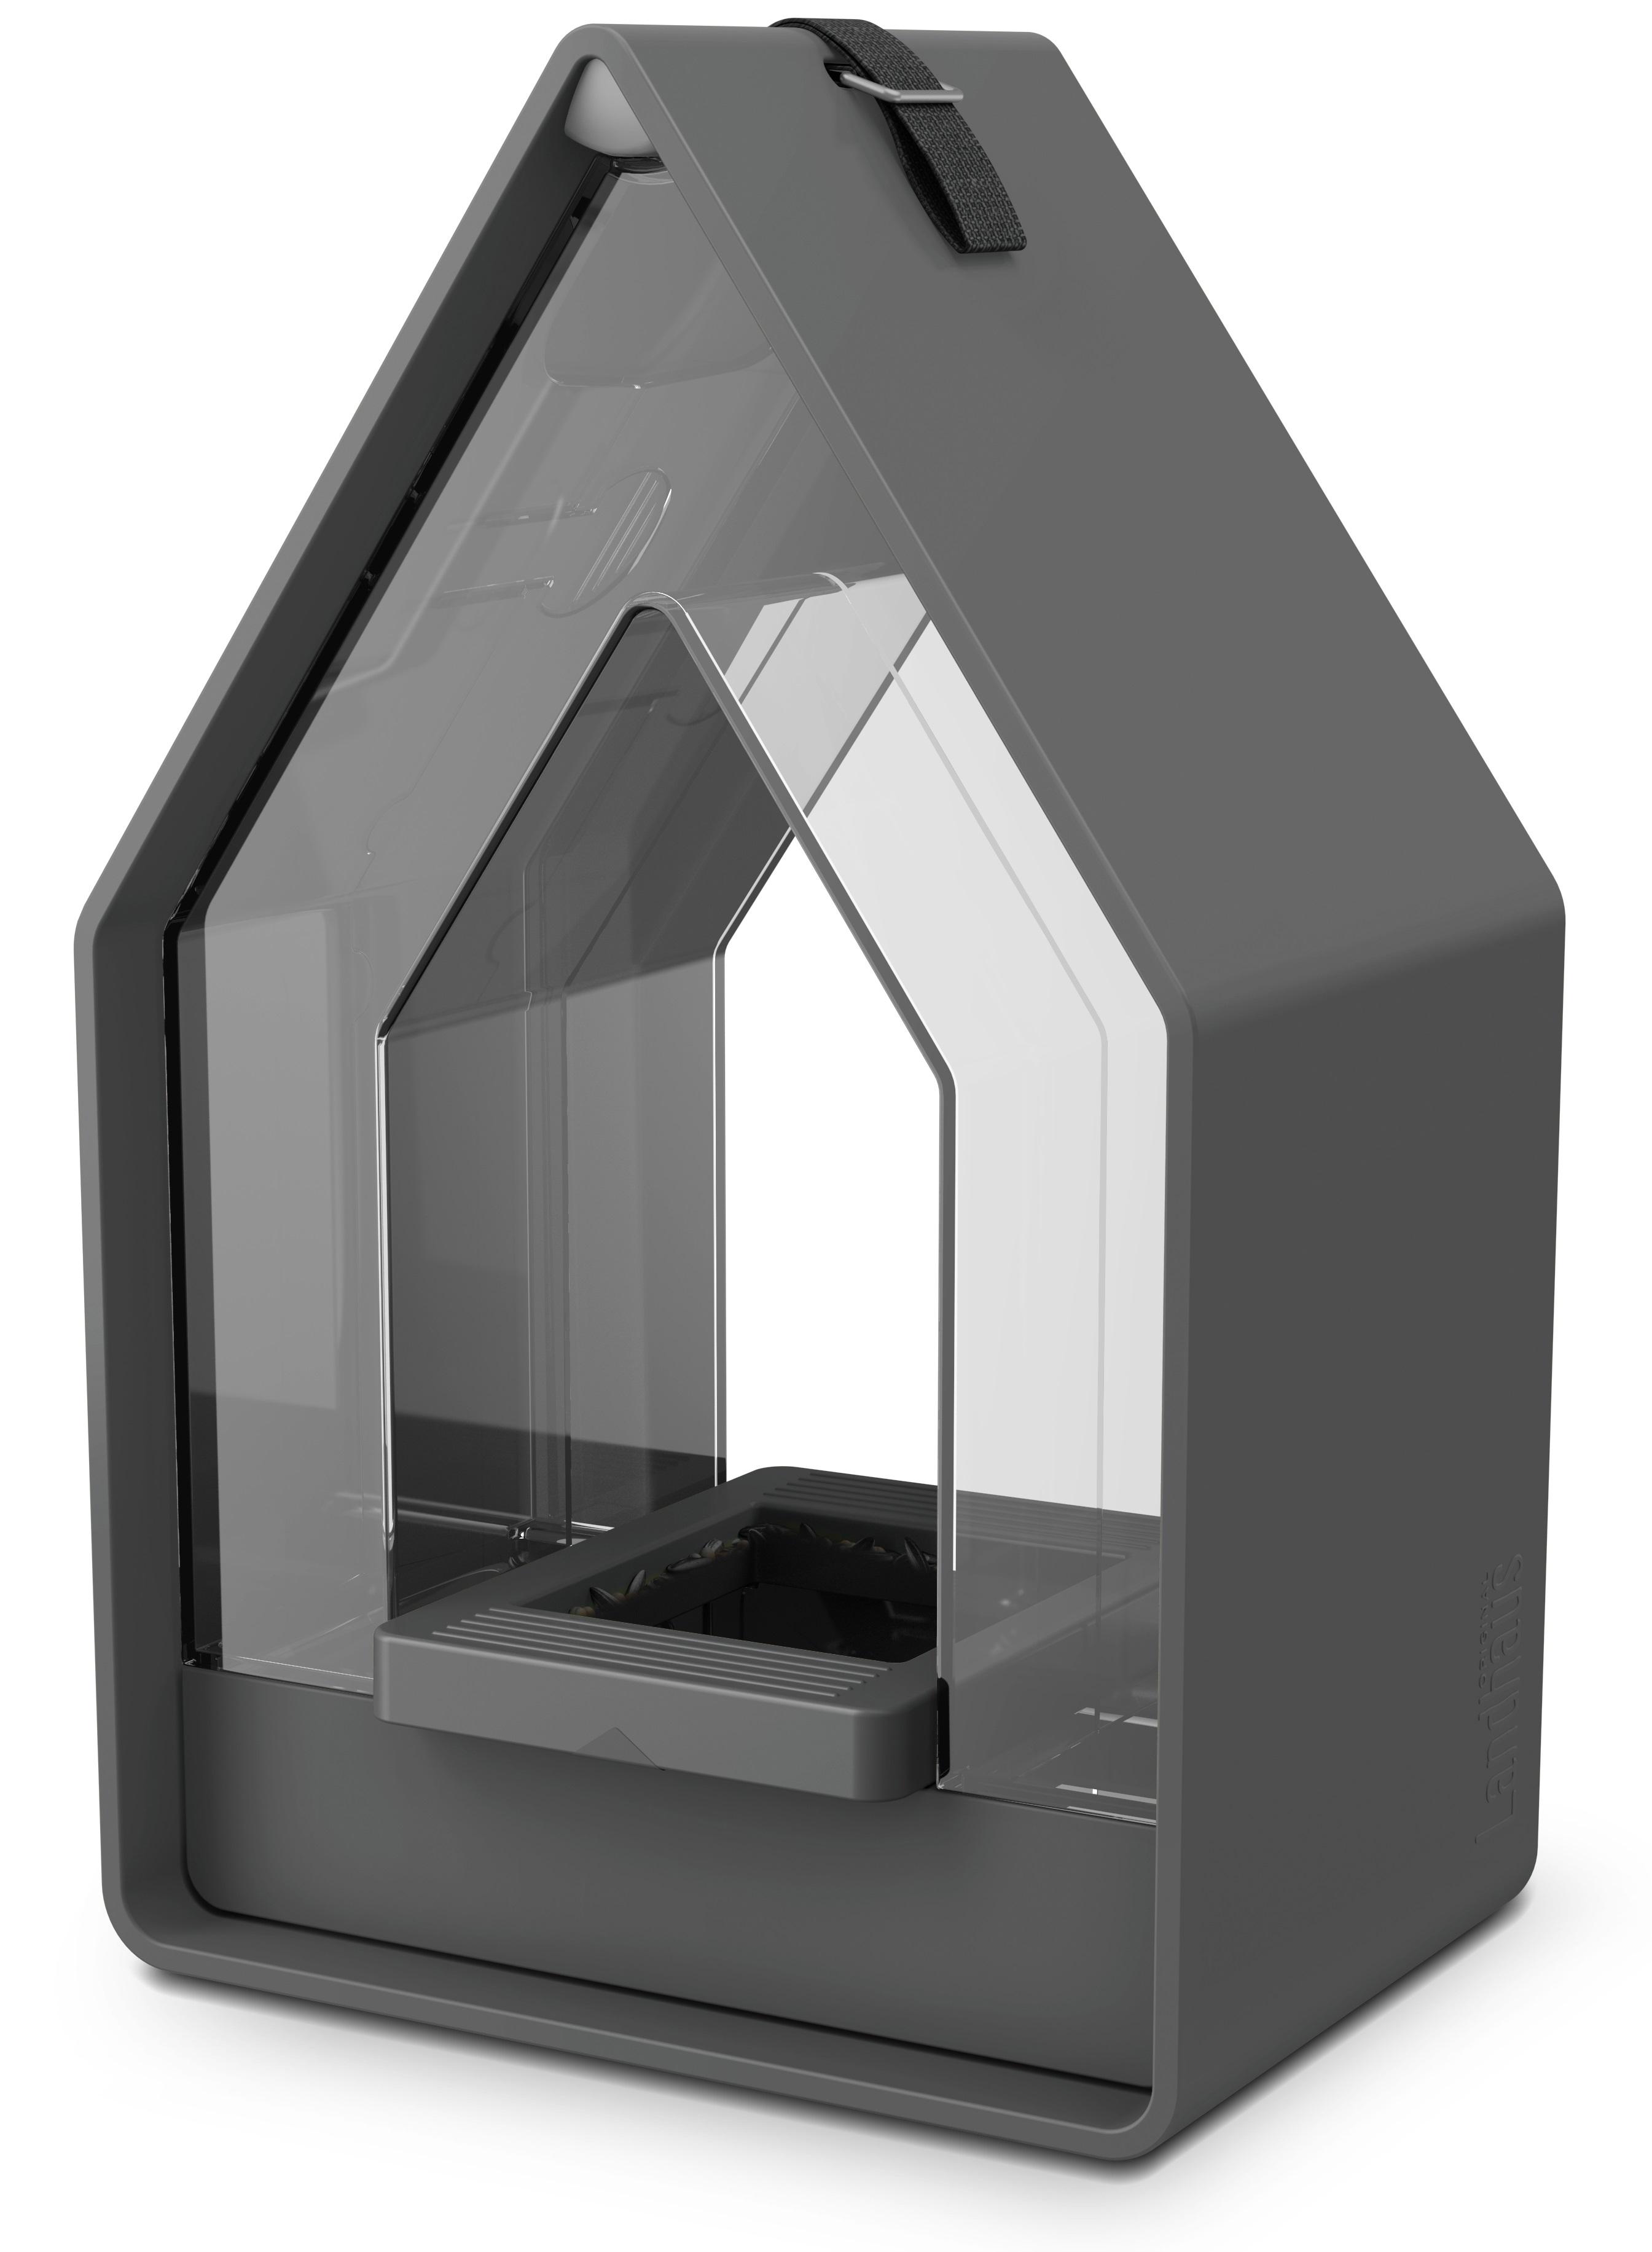 EMSA Krmítko se zásobníkem 15 x 24 cm šedé Landhaus Emsa